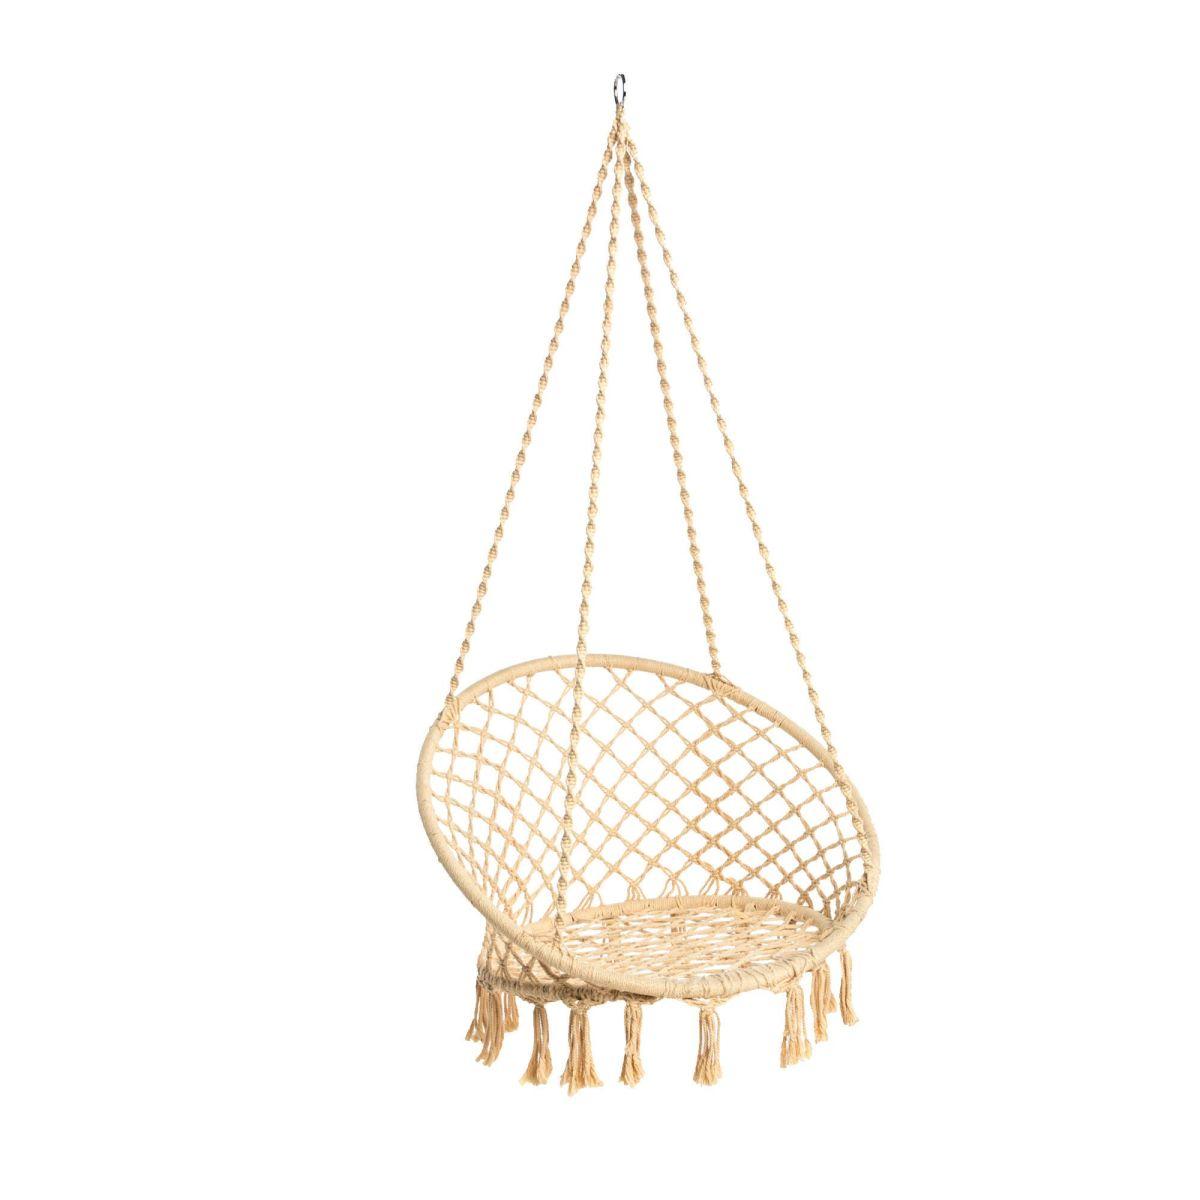 h ngesessel nizza inkl kissen sitzm bel m bel versandkostenfreie m bel. Black Bedroom Furniture Sets. Home Design Ideas